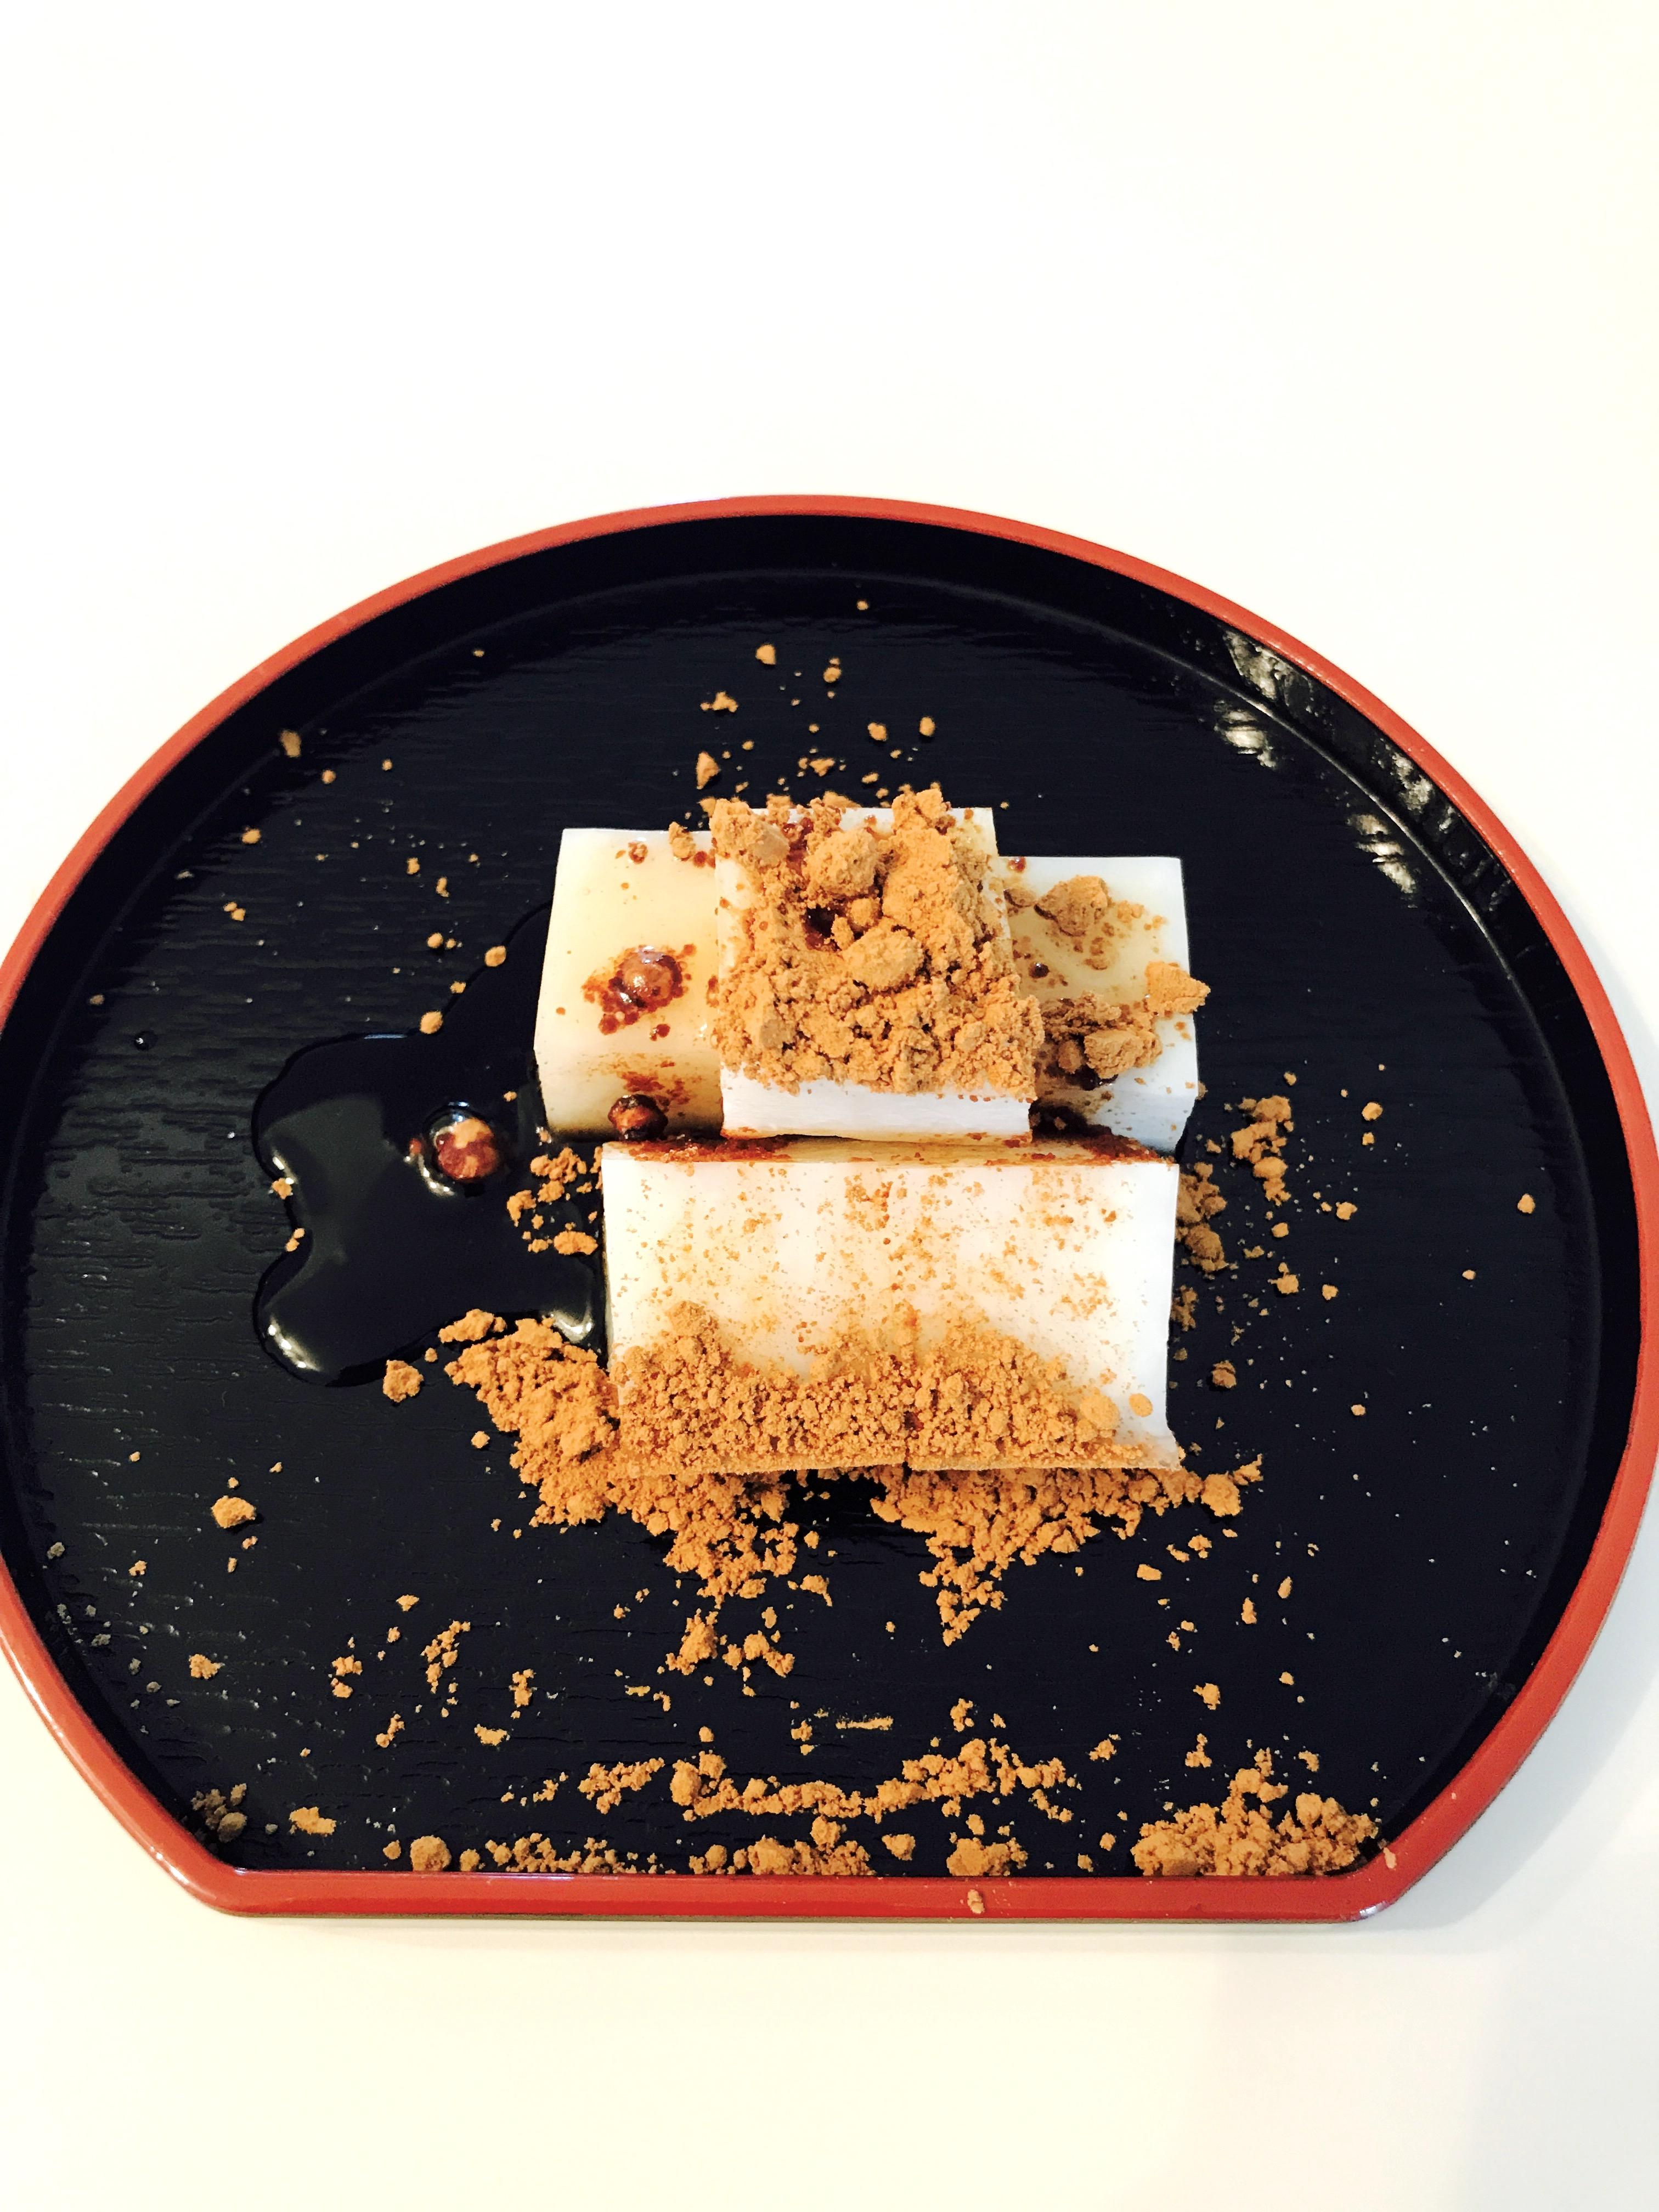 レジスタントスターチ と甘酒ときな粉を使った腸育腸活和菓子